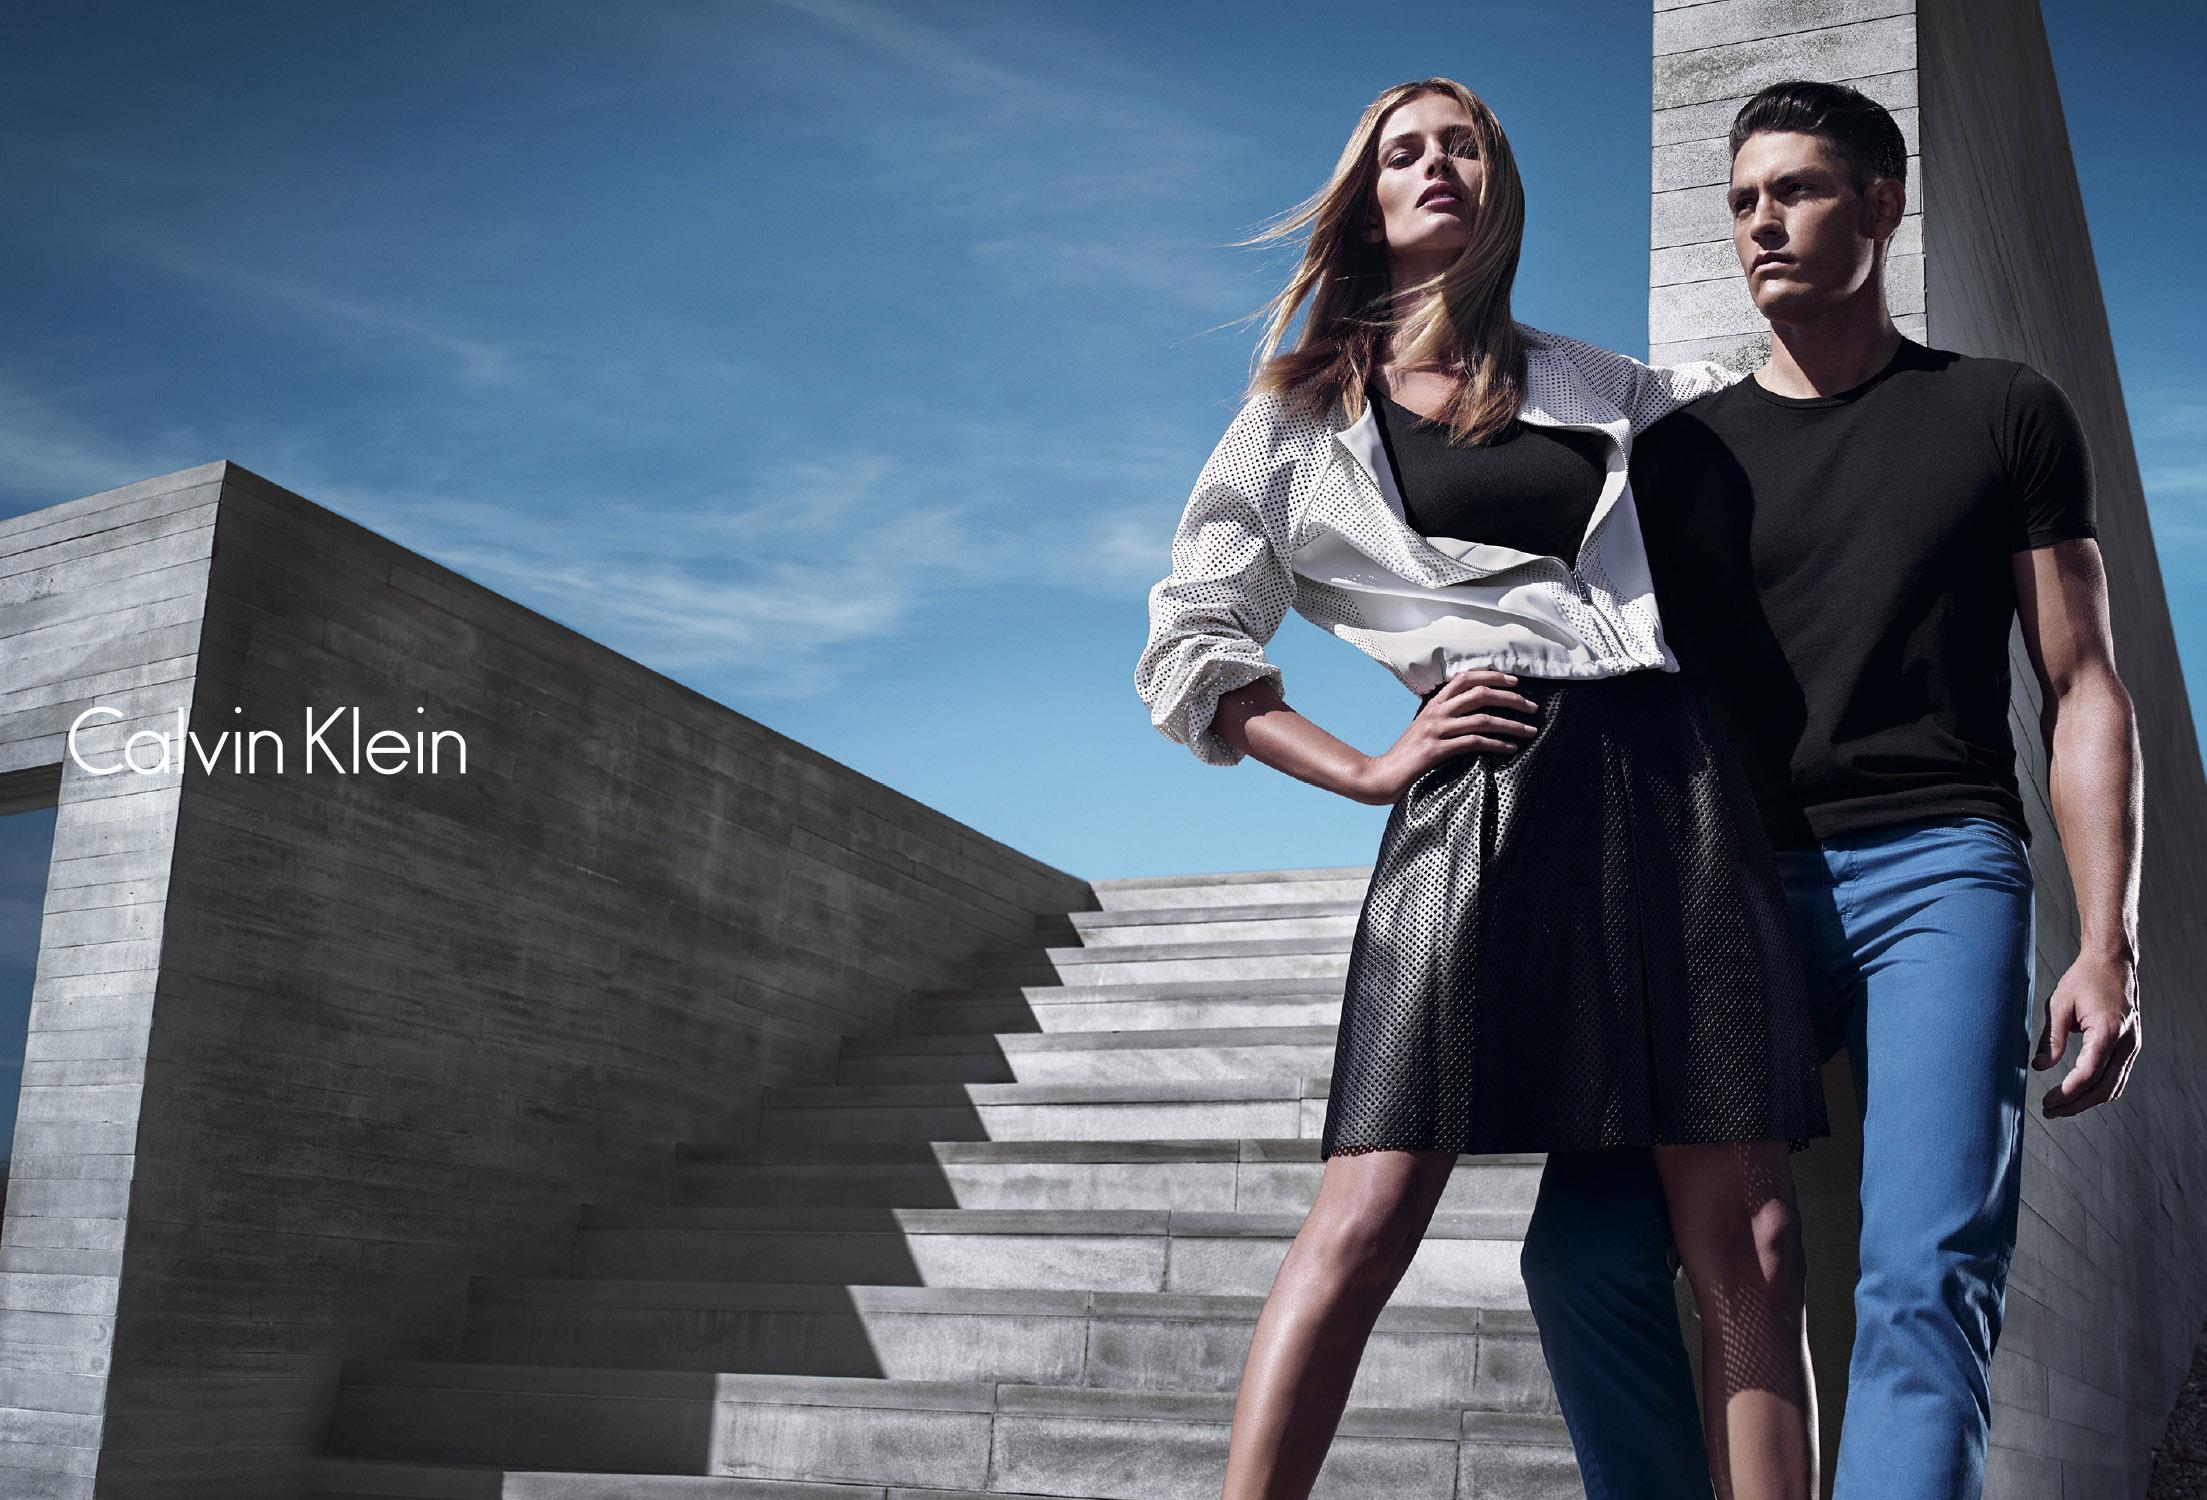 new story магазин женской одежды вакансии